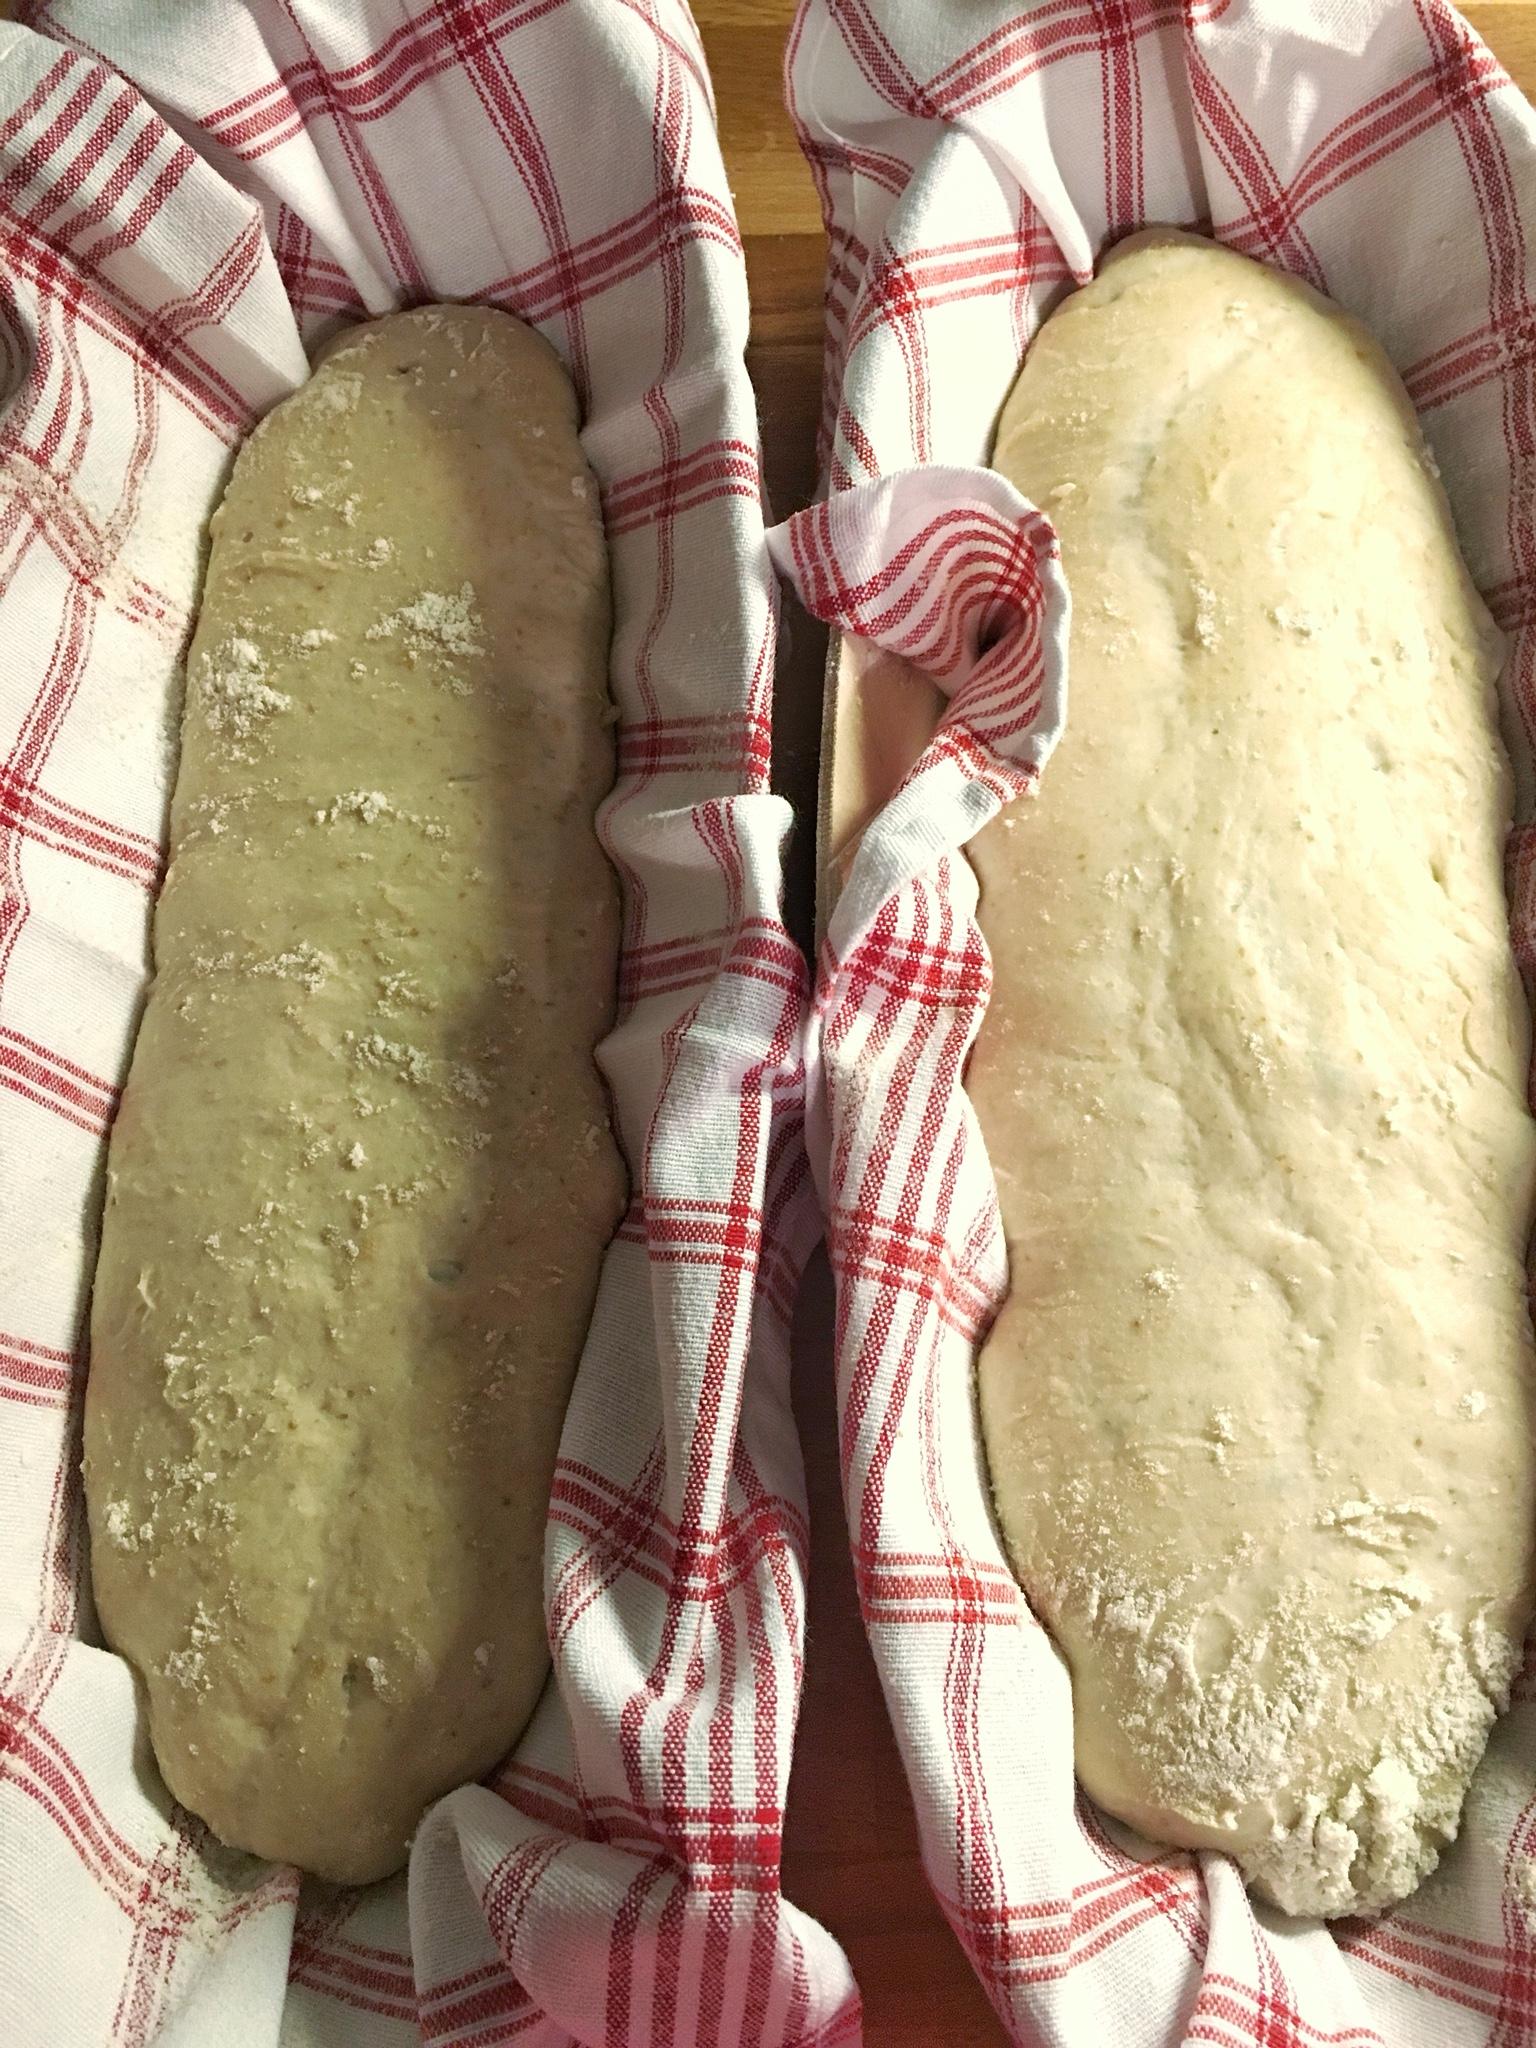 így néz ki a kenyér 16 óra hideg helyen kelesztés után